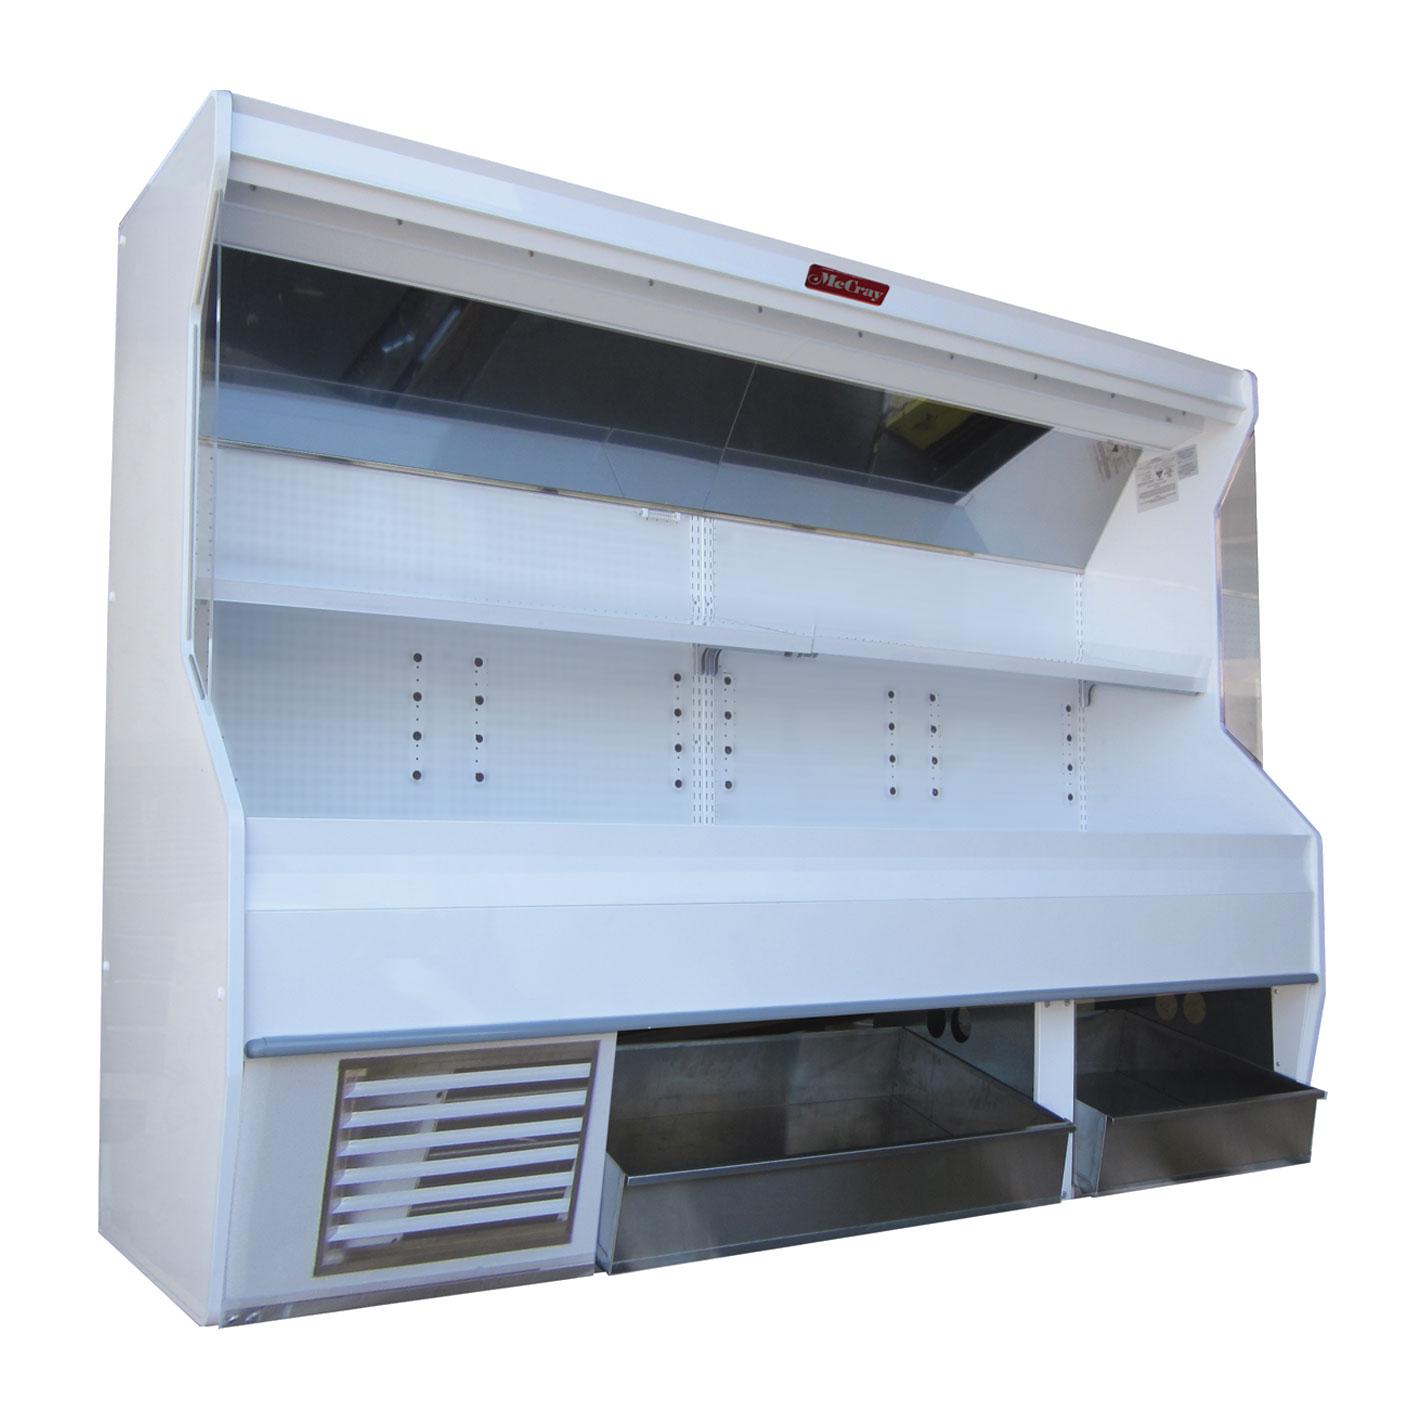 Howard-McCray SC-P32E-8S-BINS-LED display case, produce